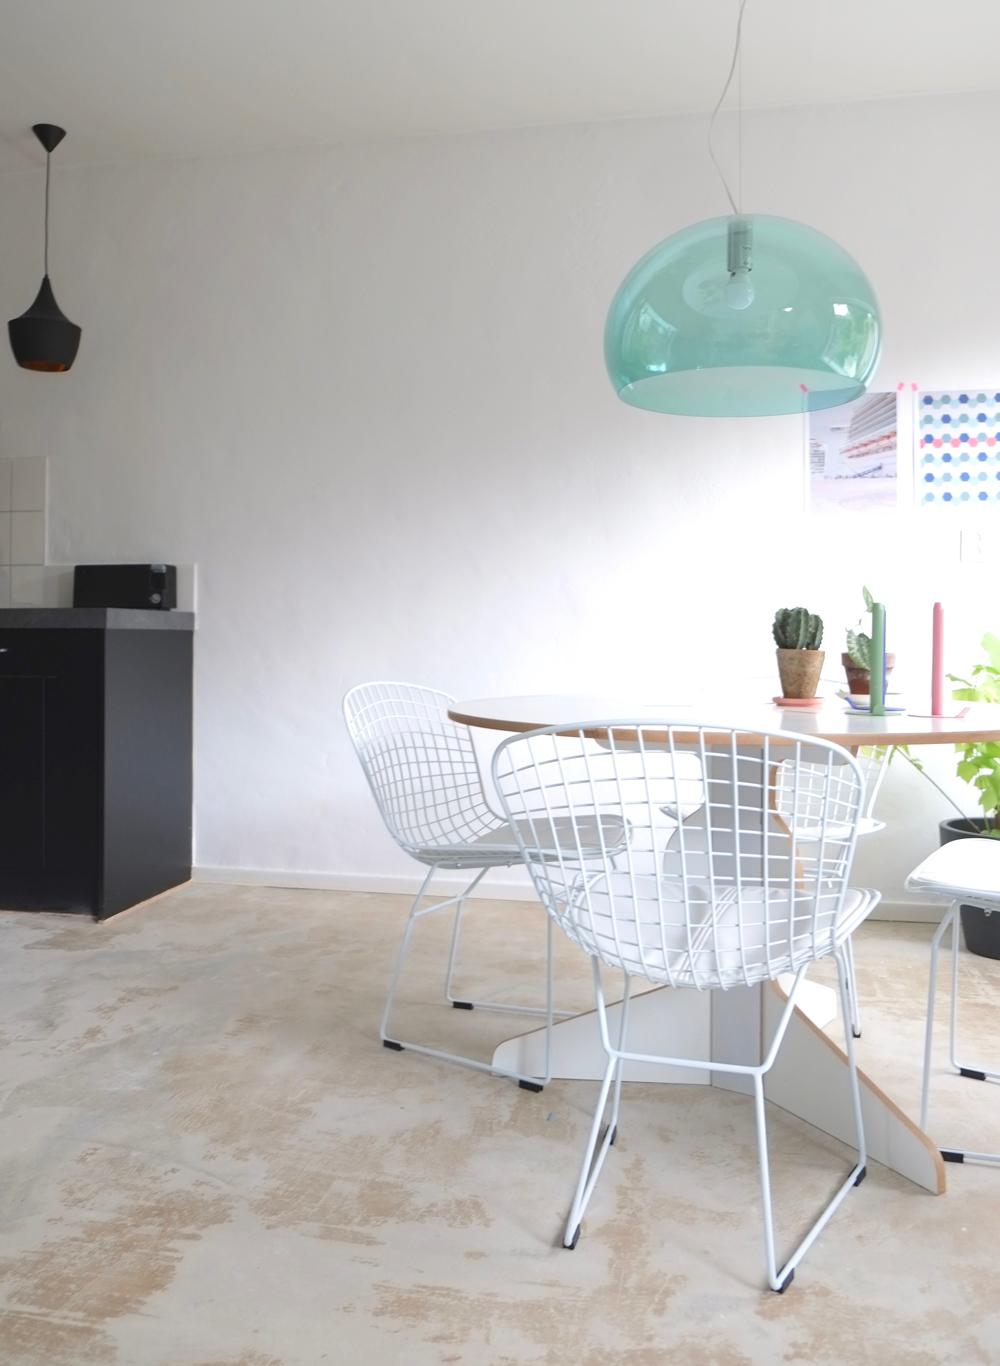 Eetkamer-designstoel4u-eettafel-eettafelstoelen-stoelen-interieuradvies-interieurontwerp-interieurstyling.2